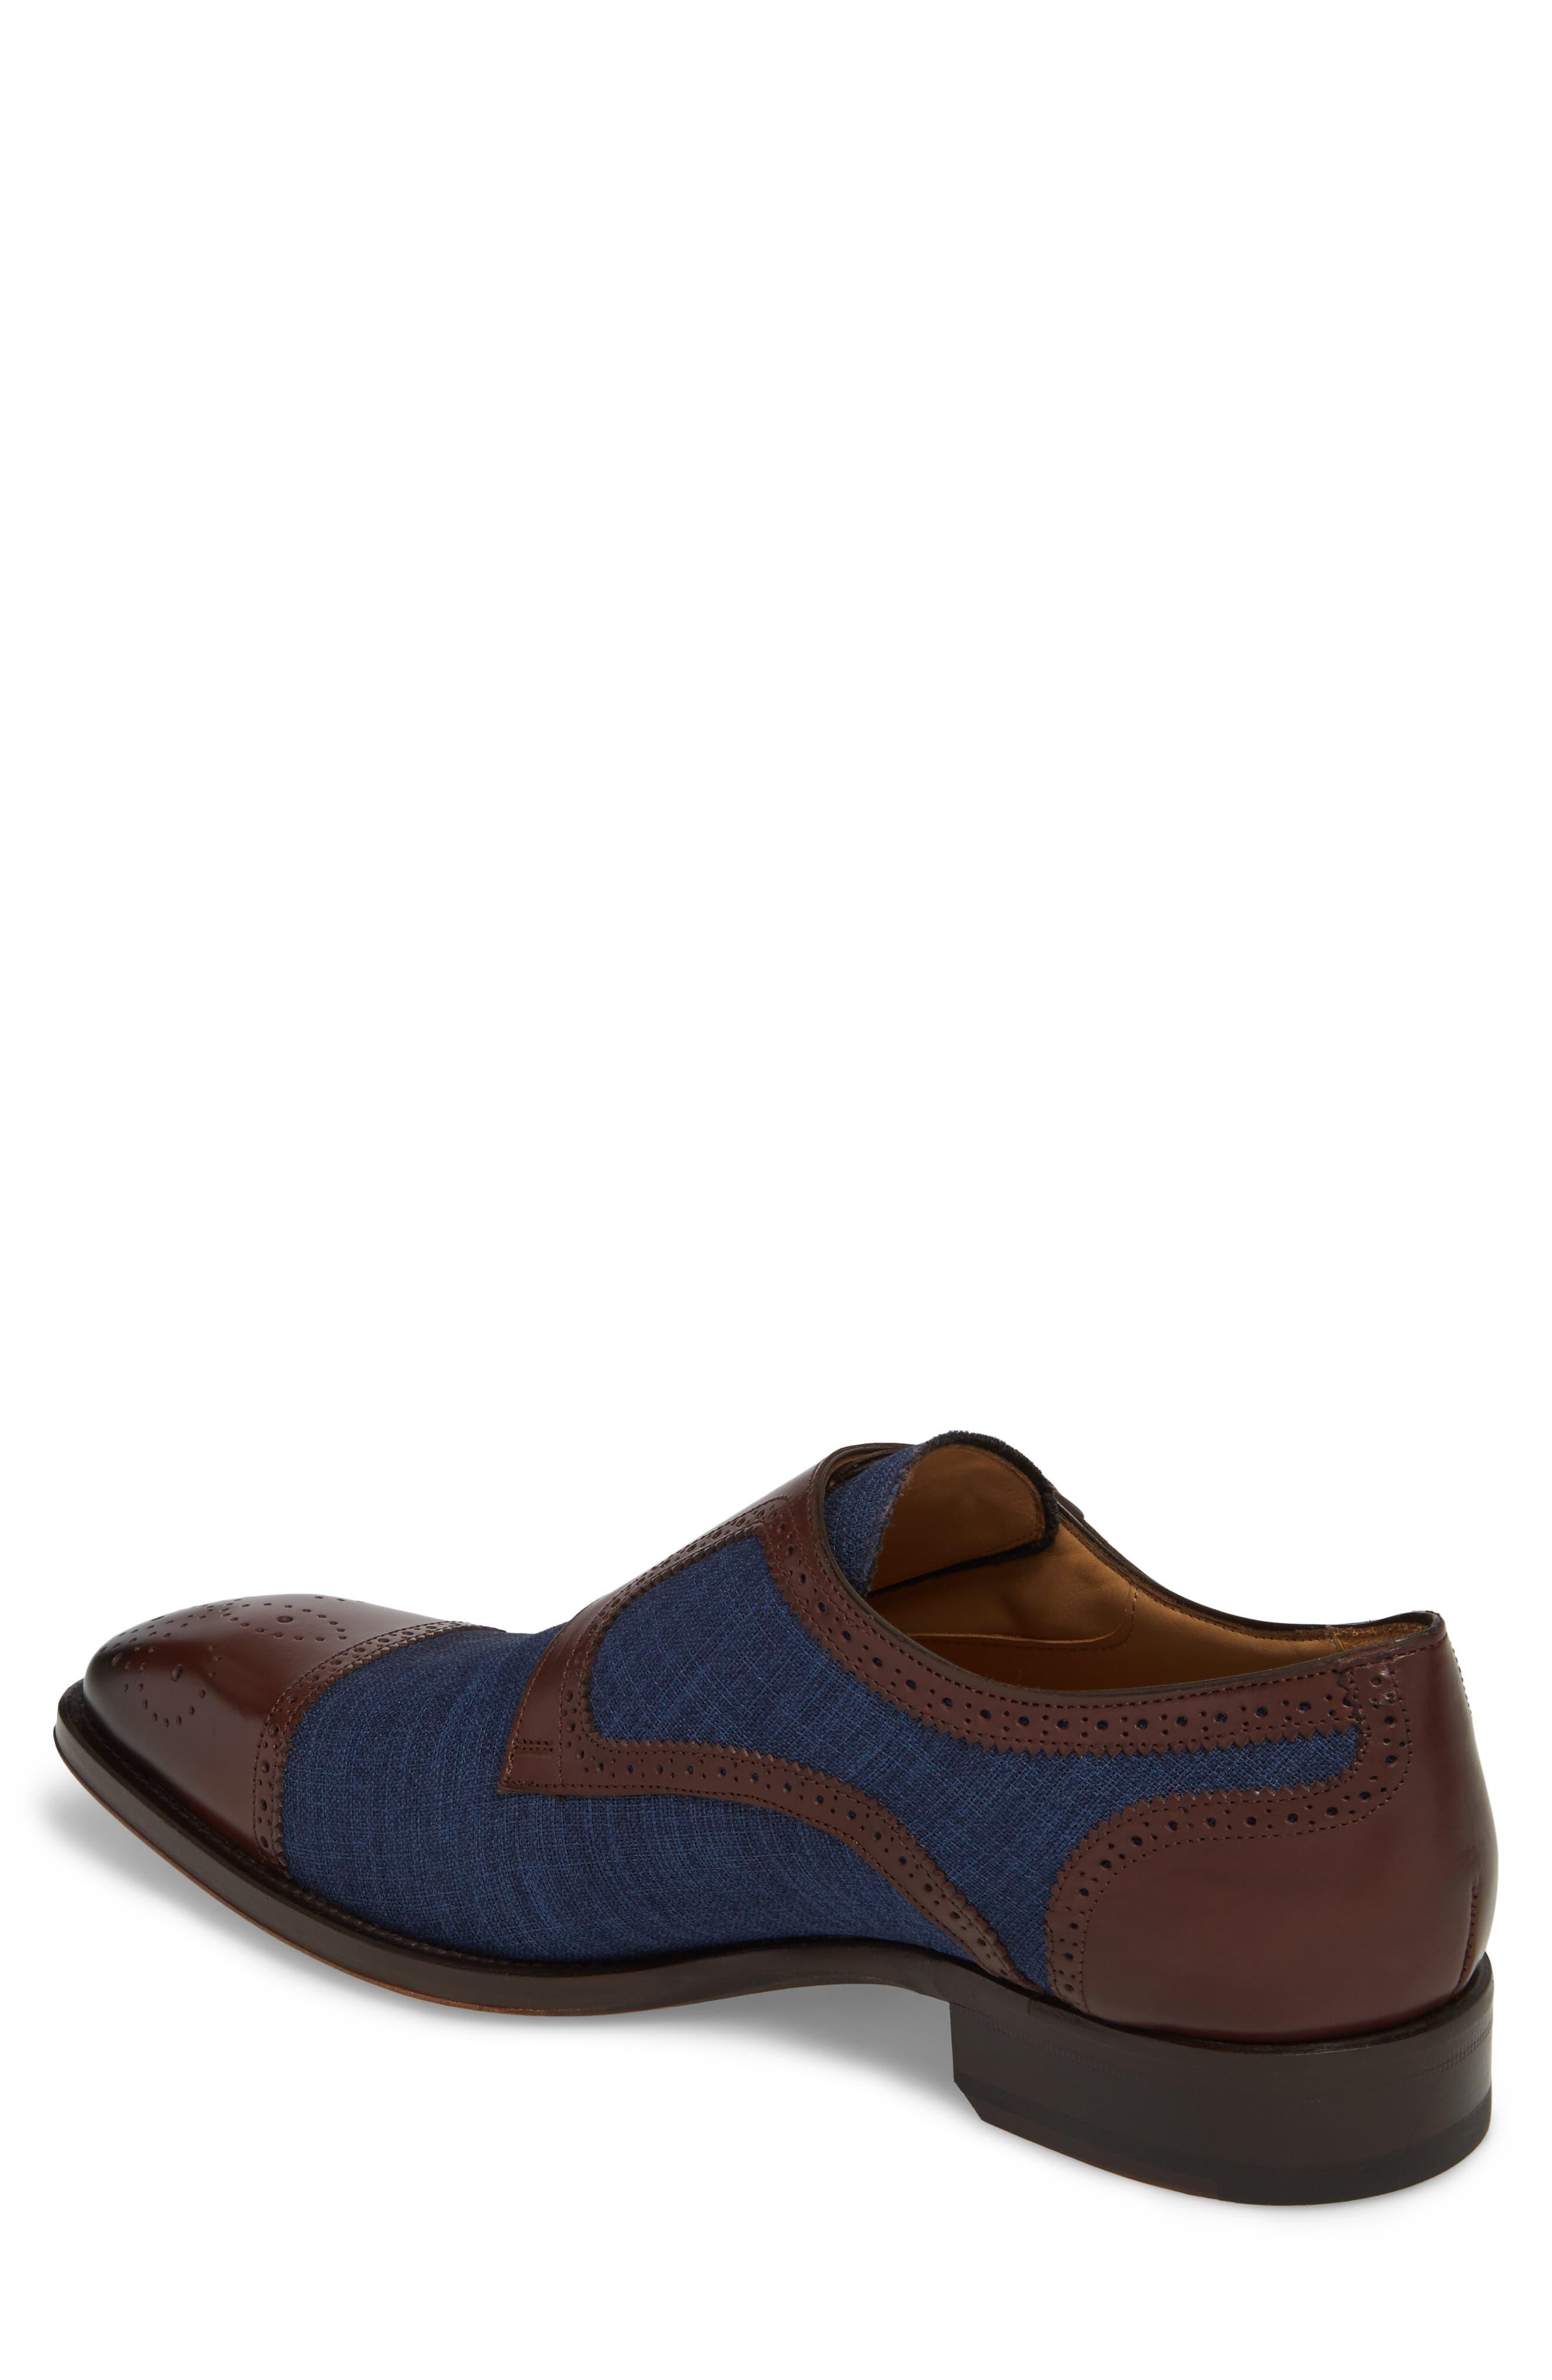 Cupido Double Monk Strap Cap Toe Shoe,                             Alternate thumbnail 2, color,                             Brown/ Blue Leather